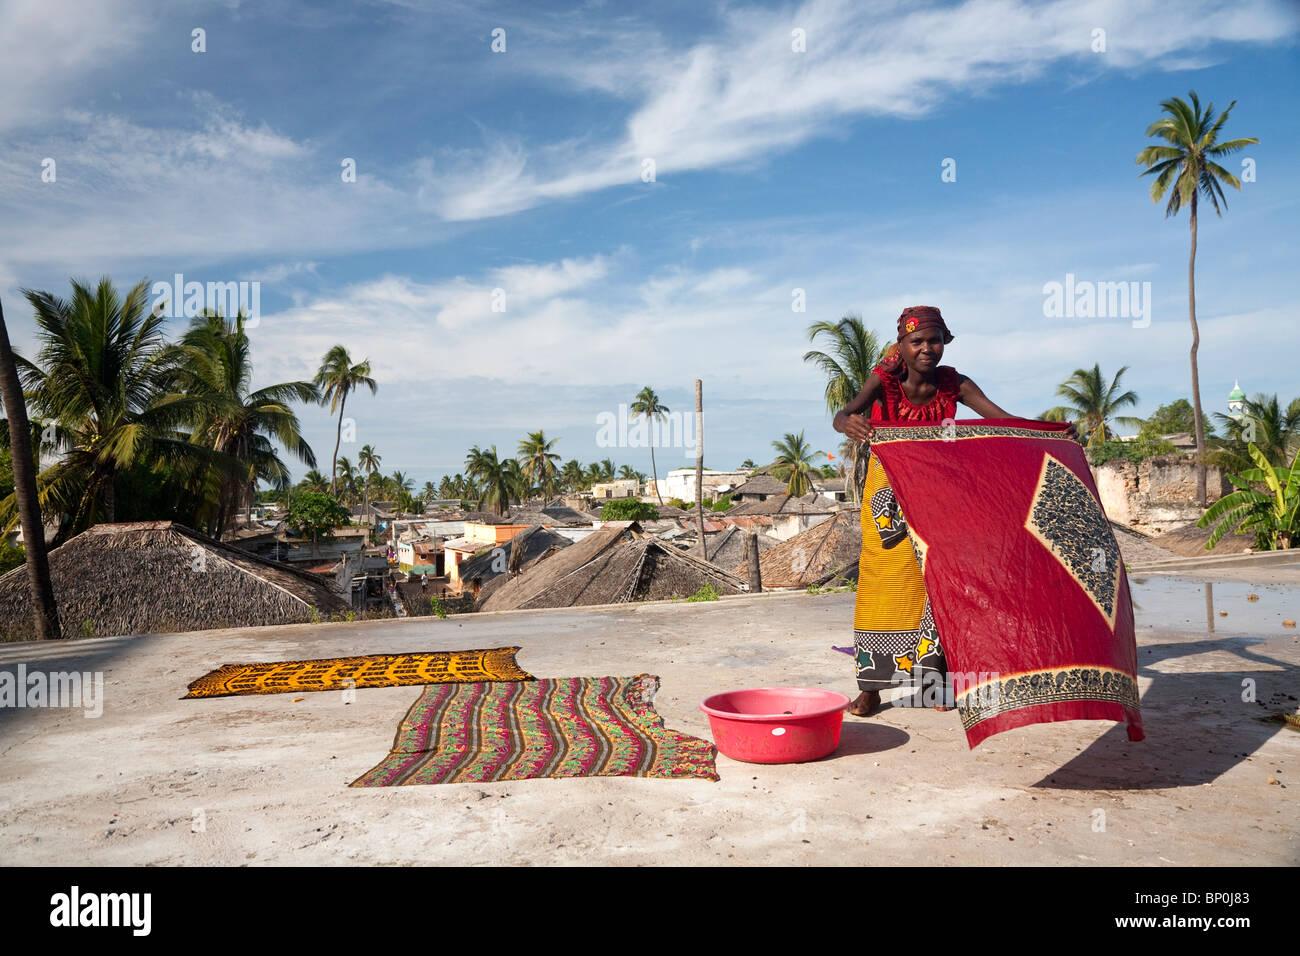 Mozambique, Ihla de Moçambique, Stone Town. Una señora seca Kapolanas brillantemente coloreados en una Imagen De Stock